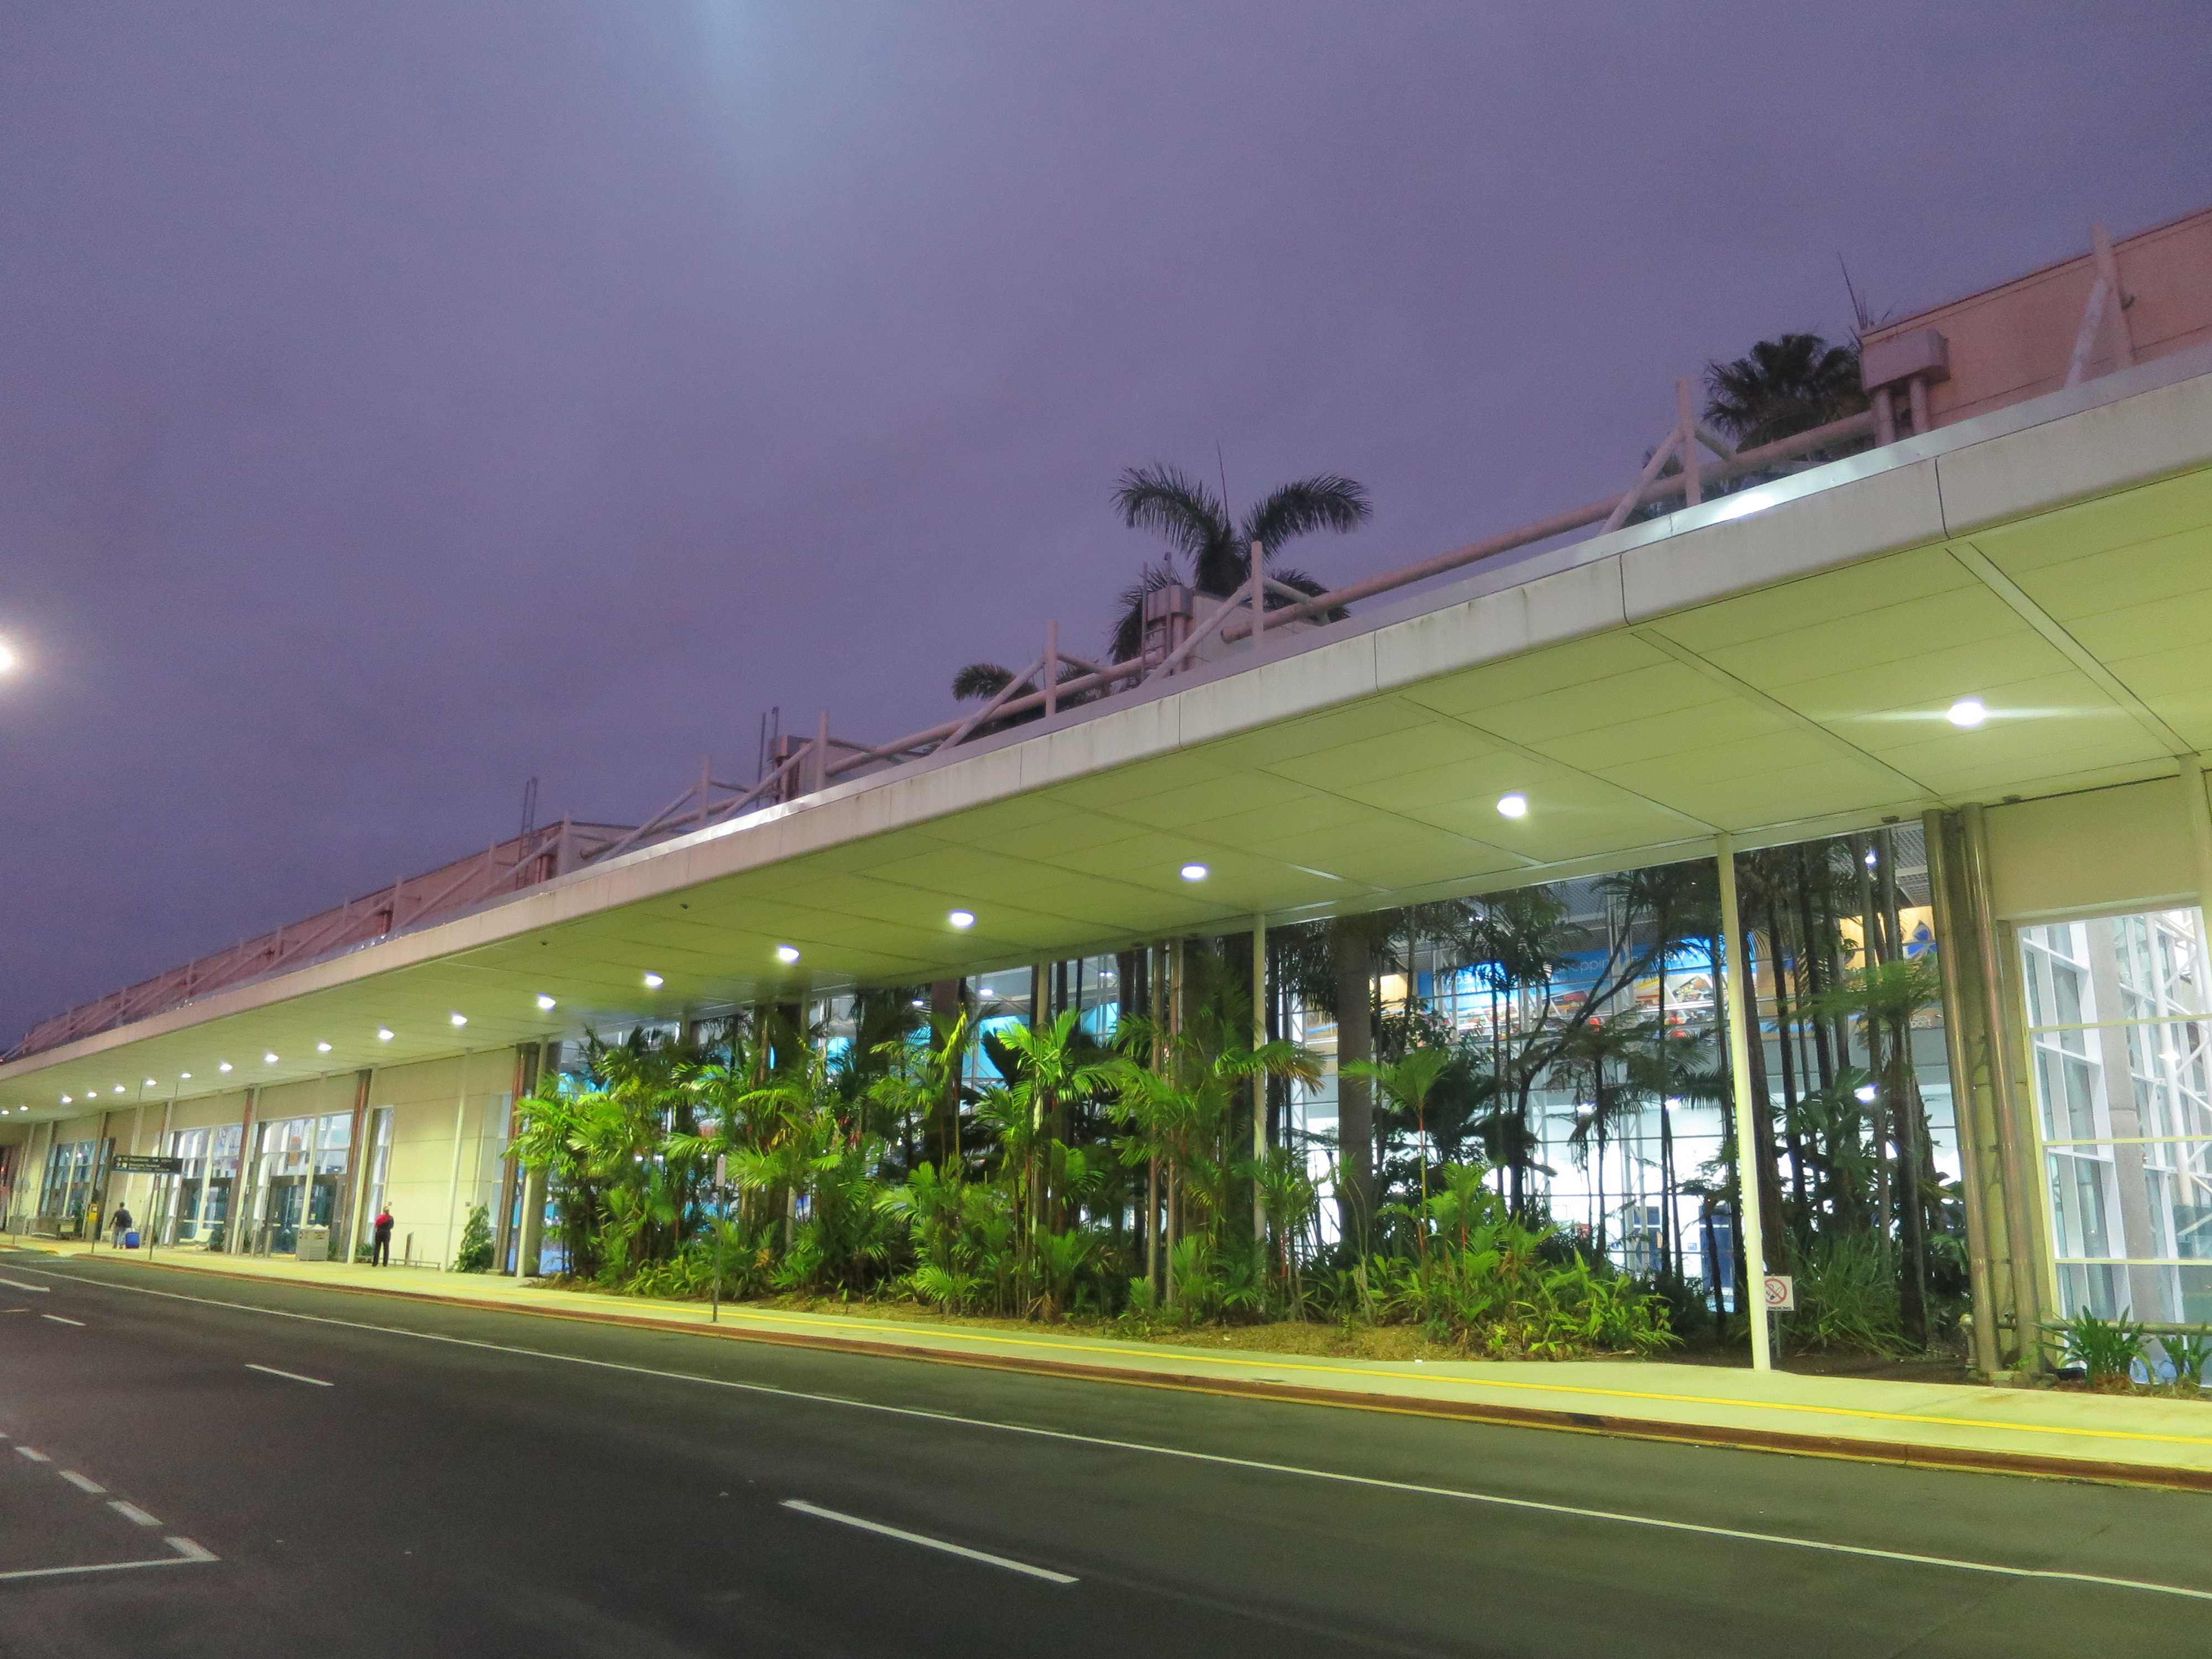 ケアンズ空港の外観